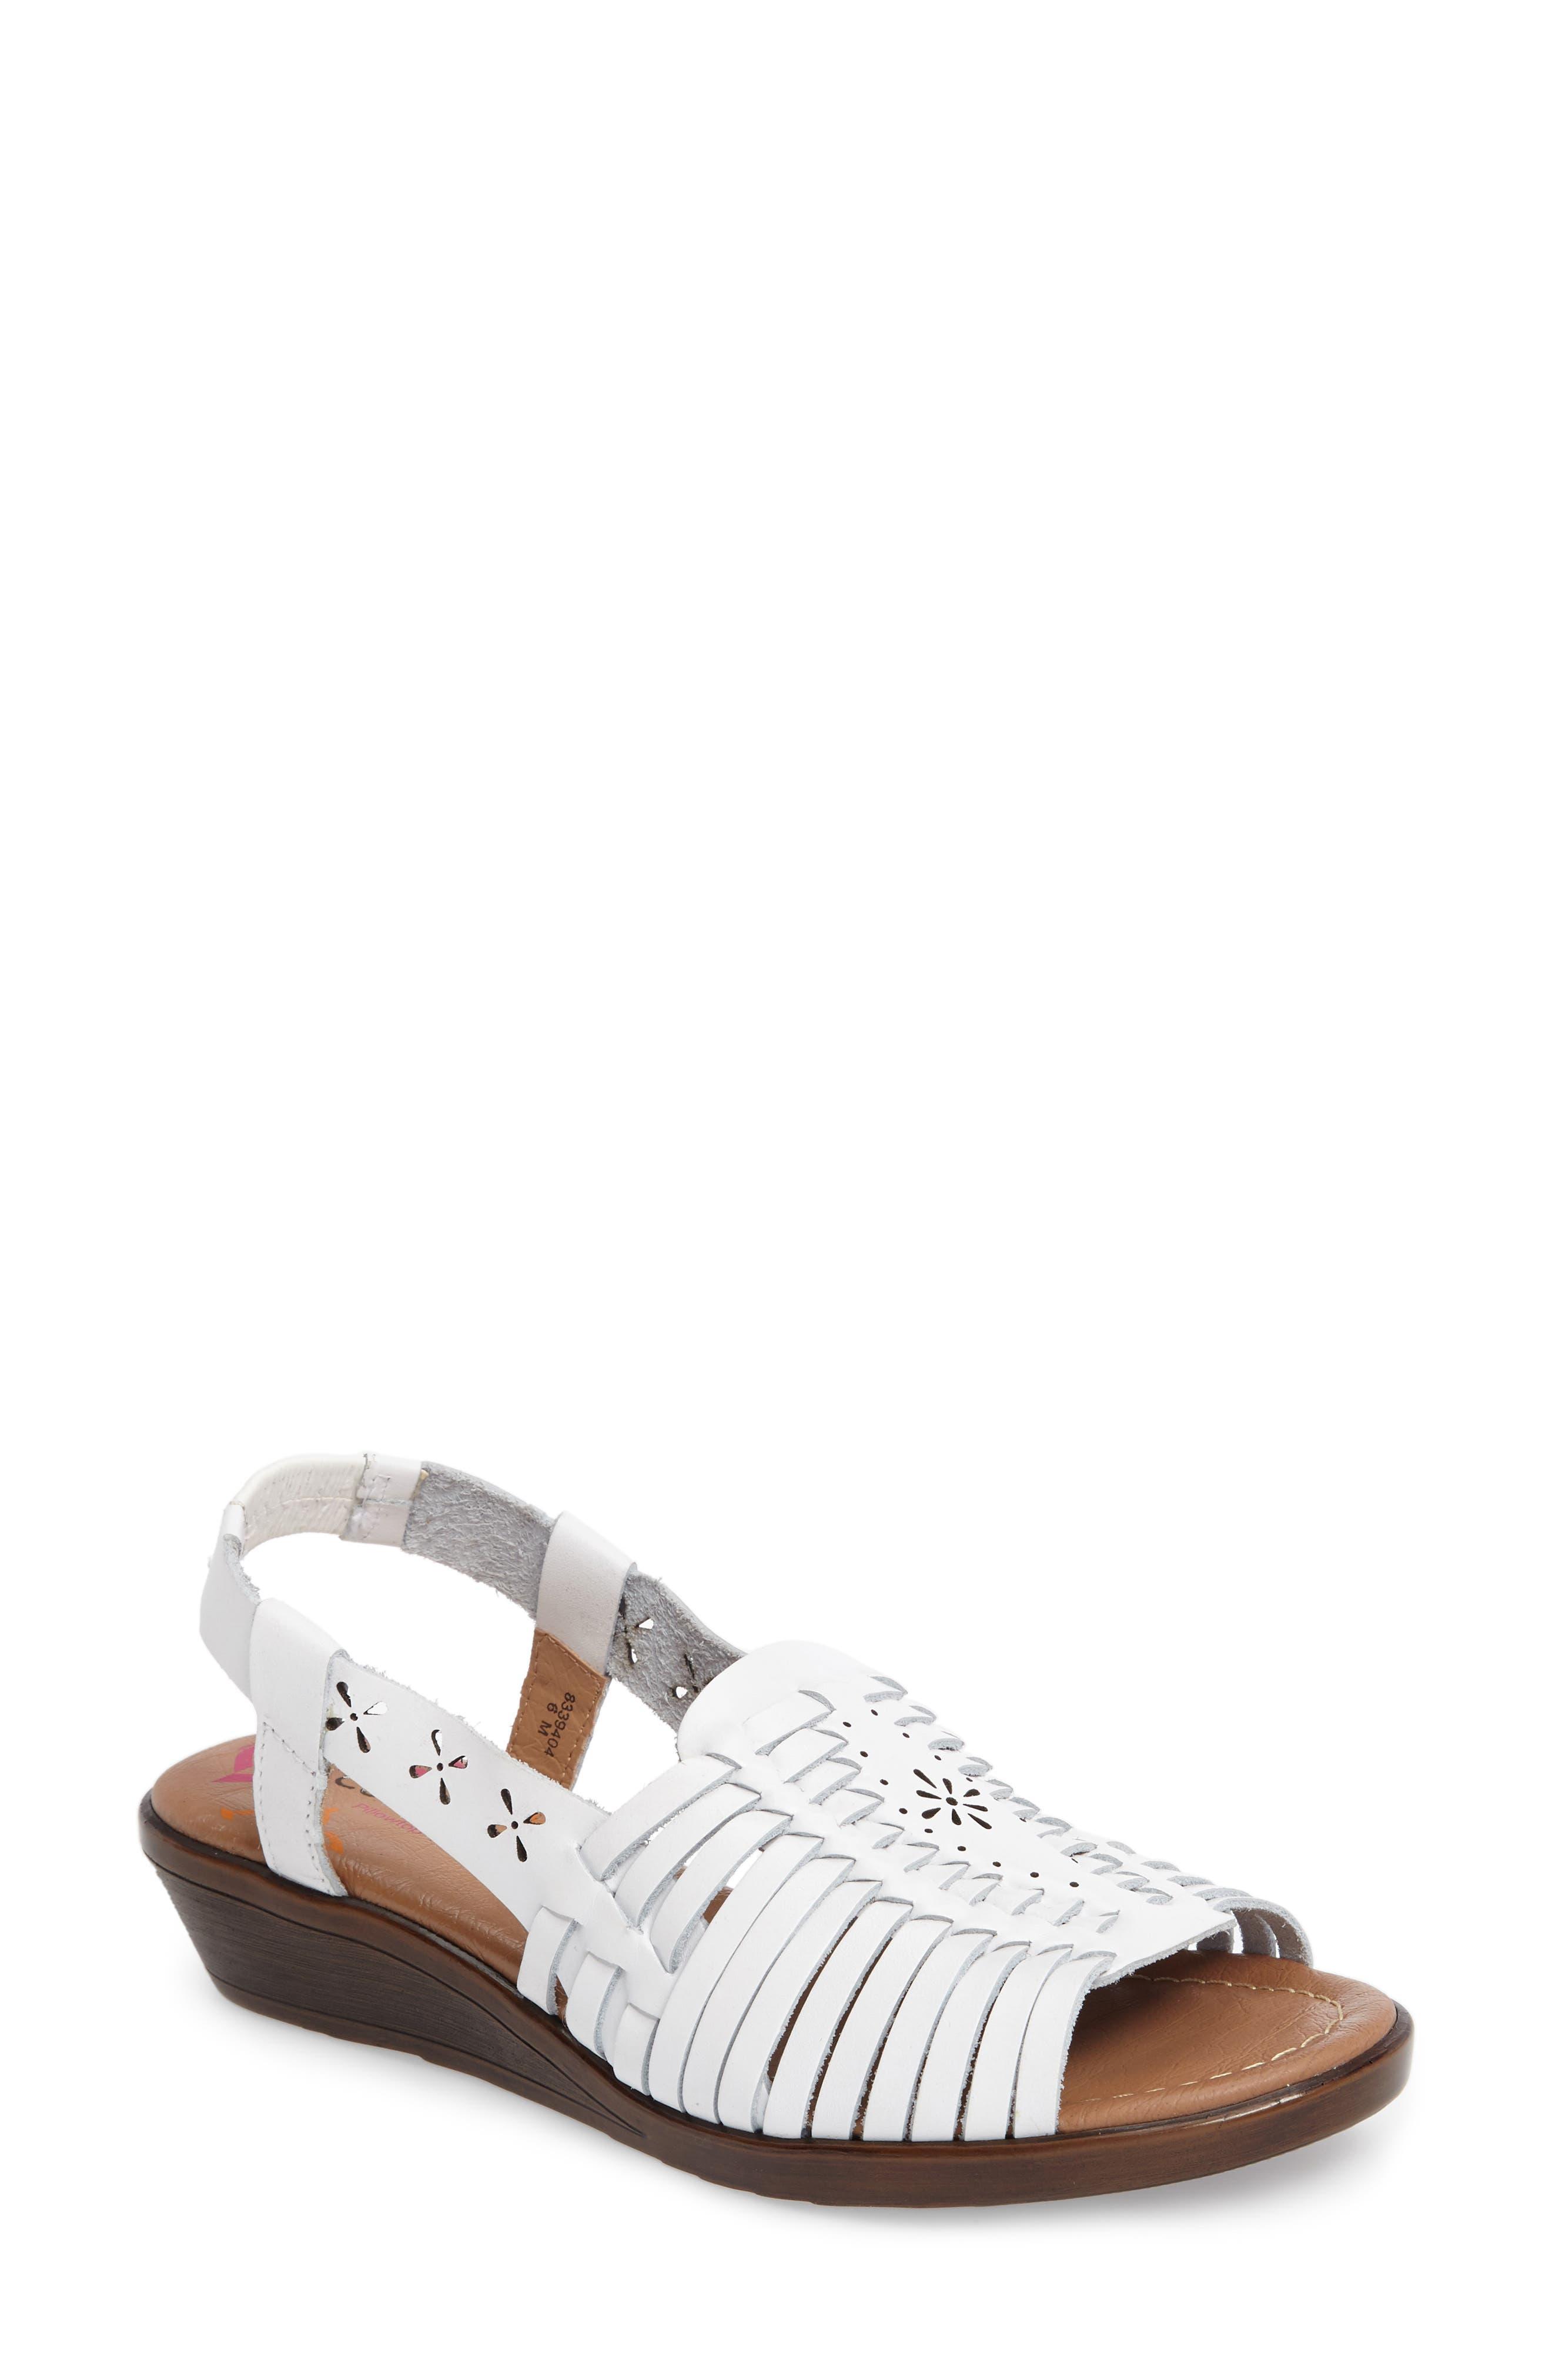 Formasa Huarache Slingback Sandal,                         Main,                         color, 100